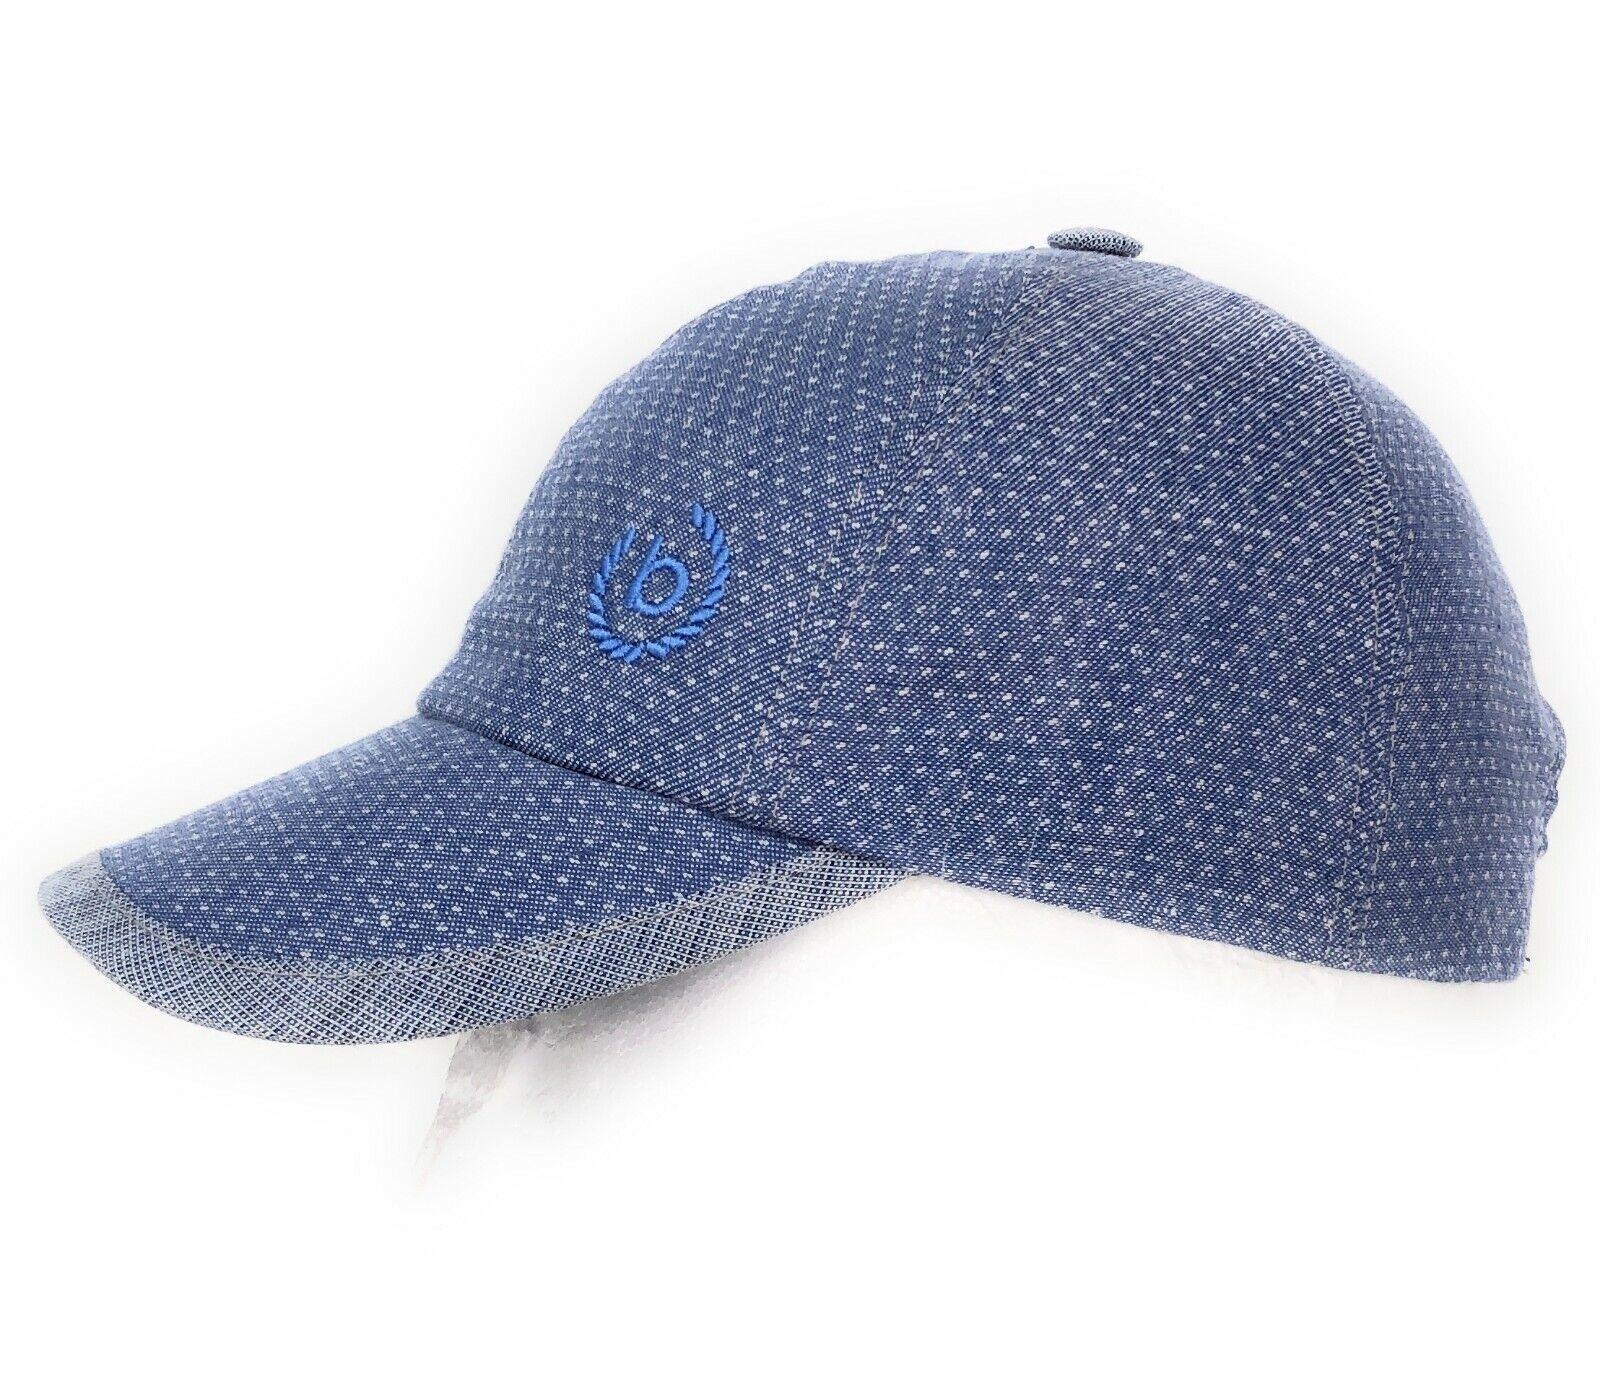 Baseballcap bugatti Schildmütze Basecap Baseball Cap Schirmmütze Kappe Mütze